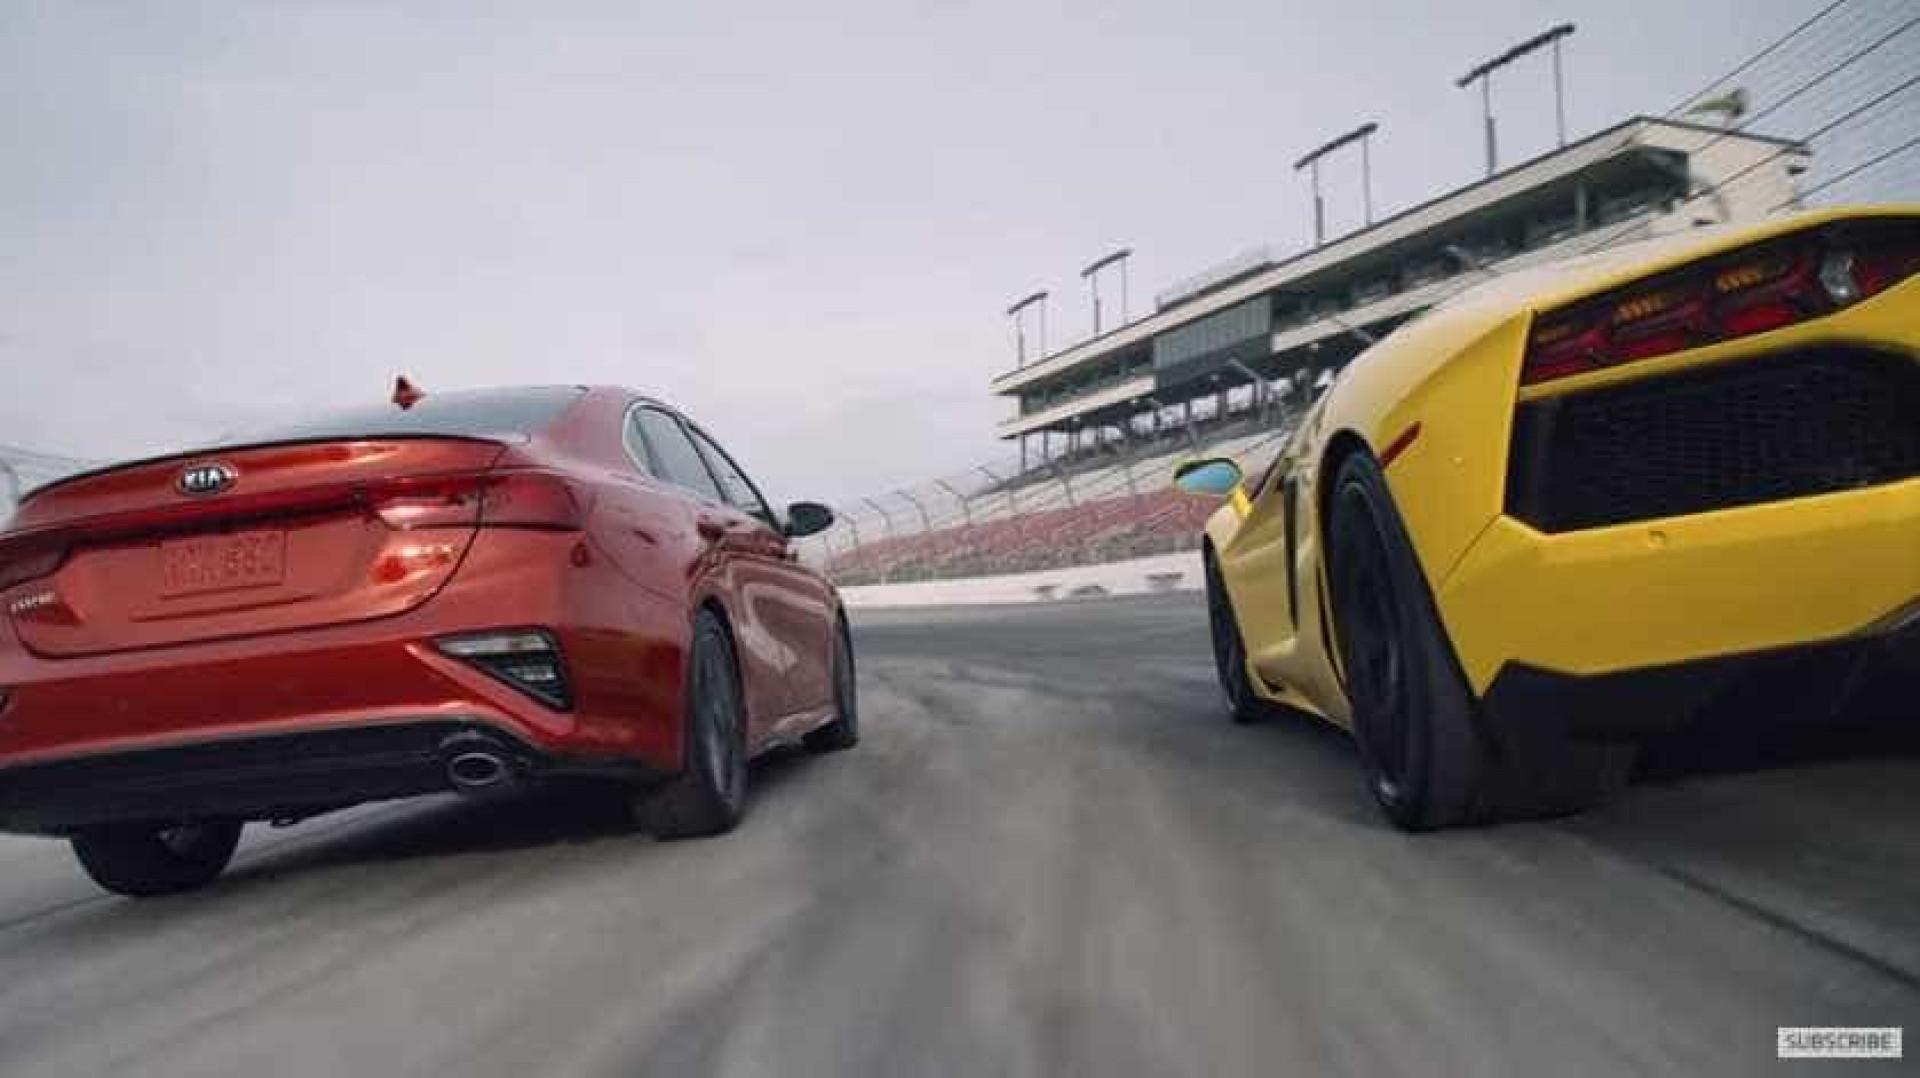 E se um Kia ganhar a um Lamborghini em (quase) tudo?